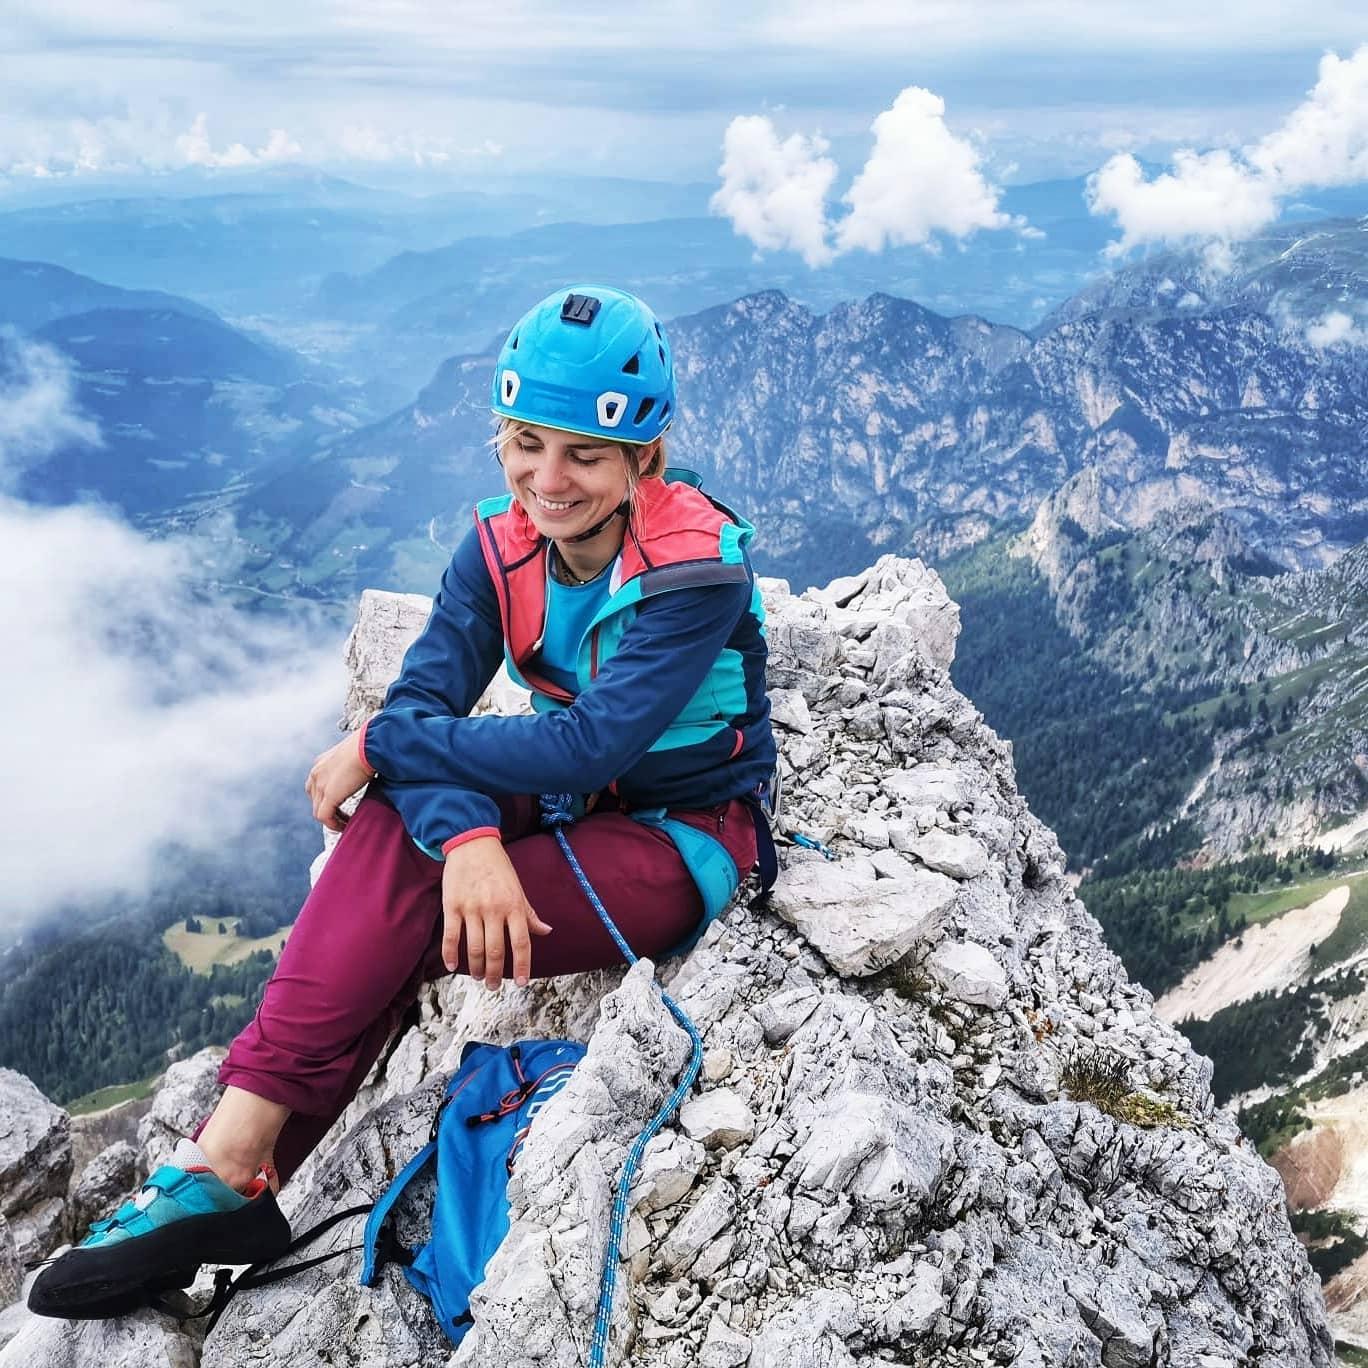 Foto di una ragazza che sorride seduta sulla cima di una montagna